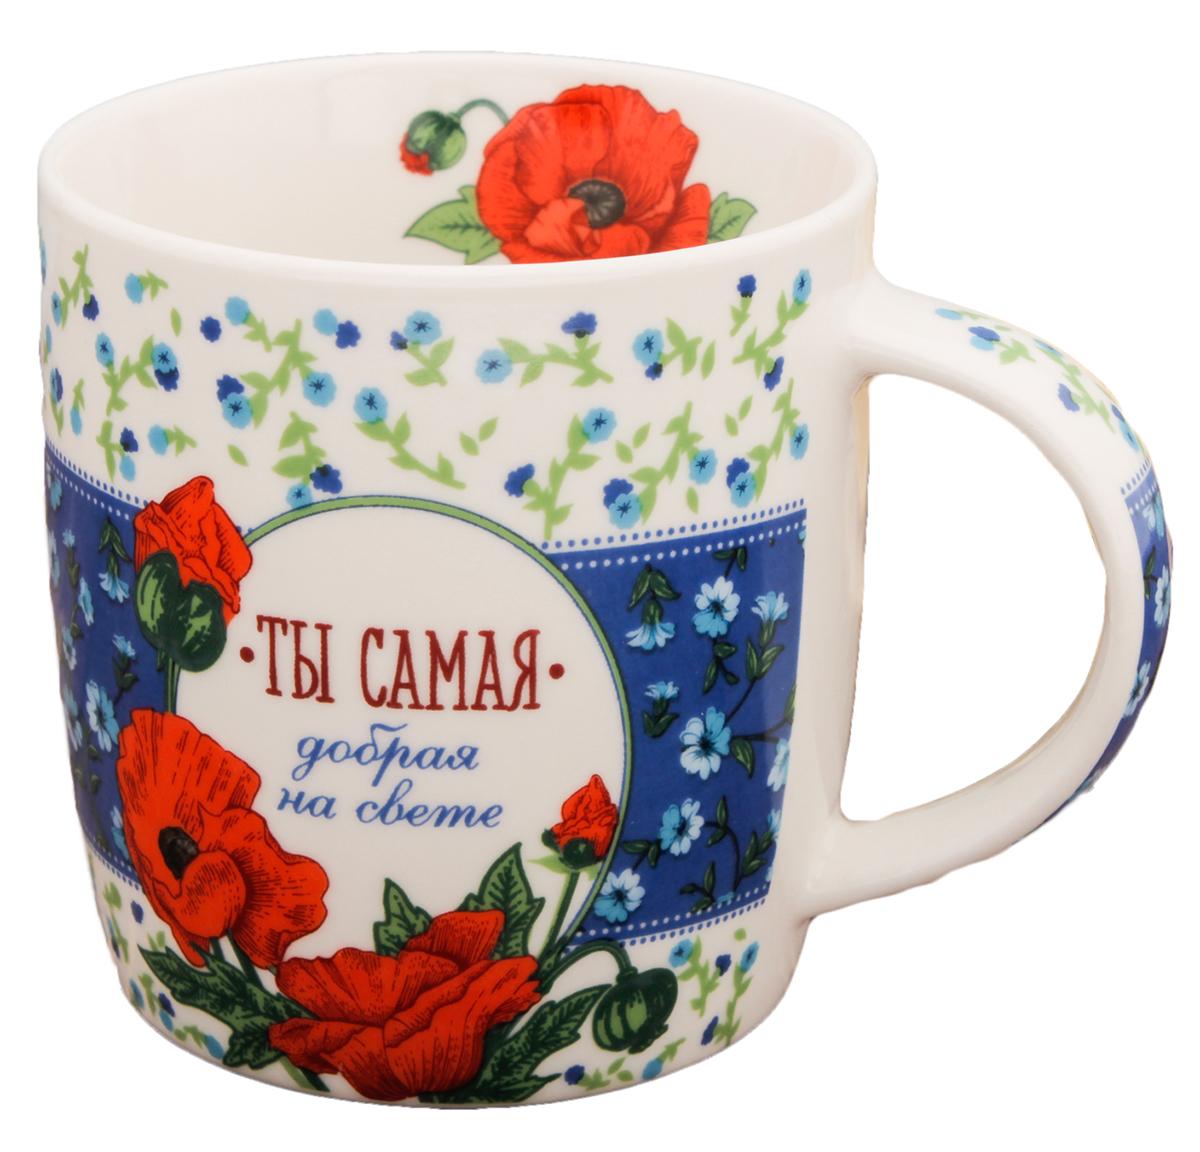 Кружка Sima-LandЛюбимая бабушка, с подставкой, 300 мл2393841В комплект входит аккуратная керамическая подставка для чайного пакетика. Она позволит наслаждаться чаепитием и не беспокоиться о пятнах на столе или скатерти. Набор сделан в едином стиле и дополнен яркой подарочной упаковкой.